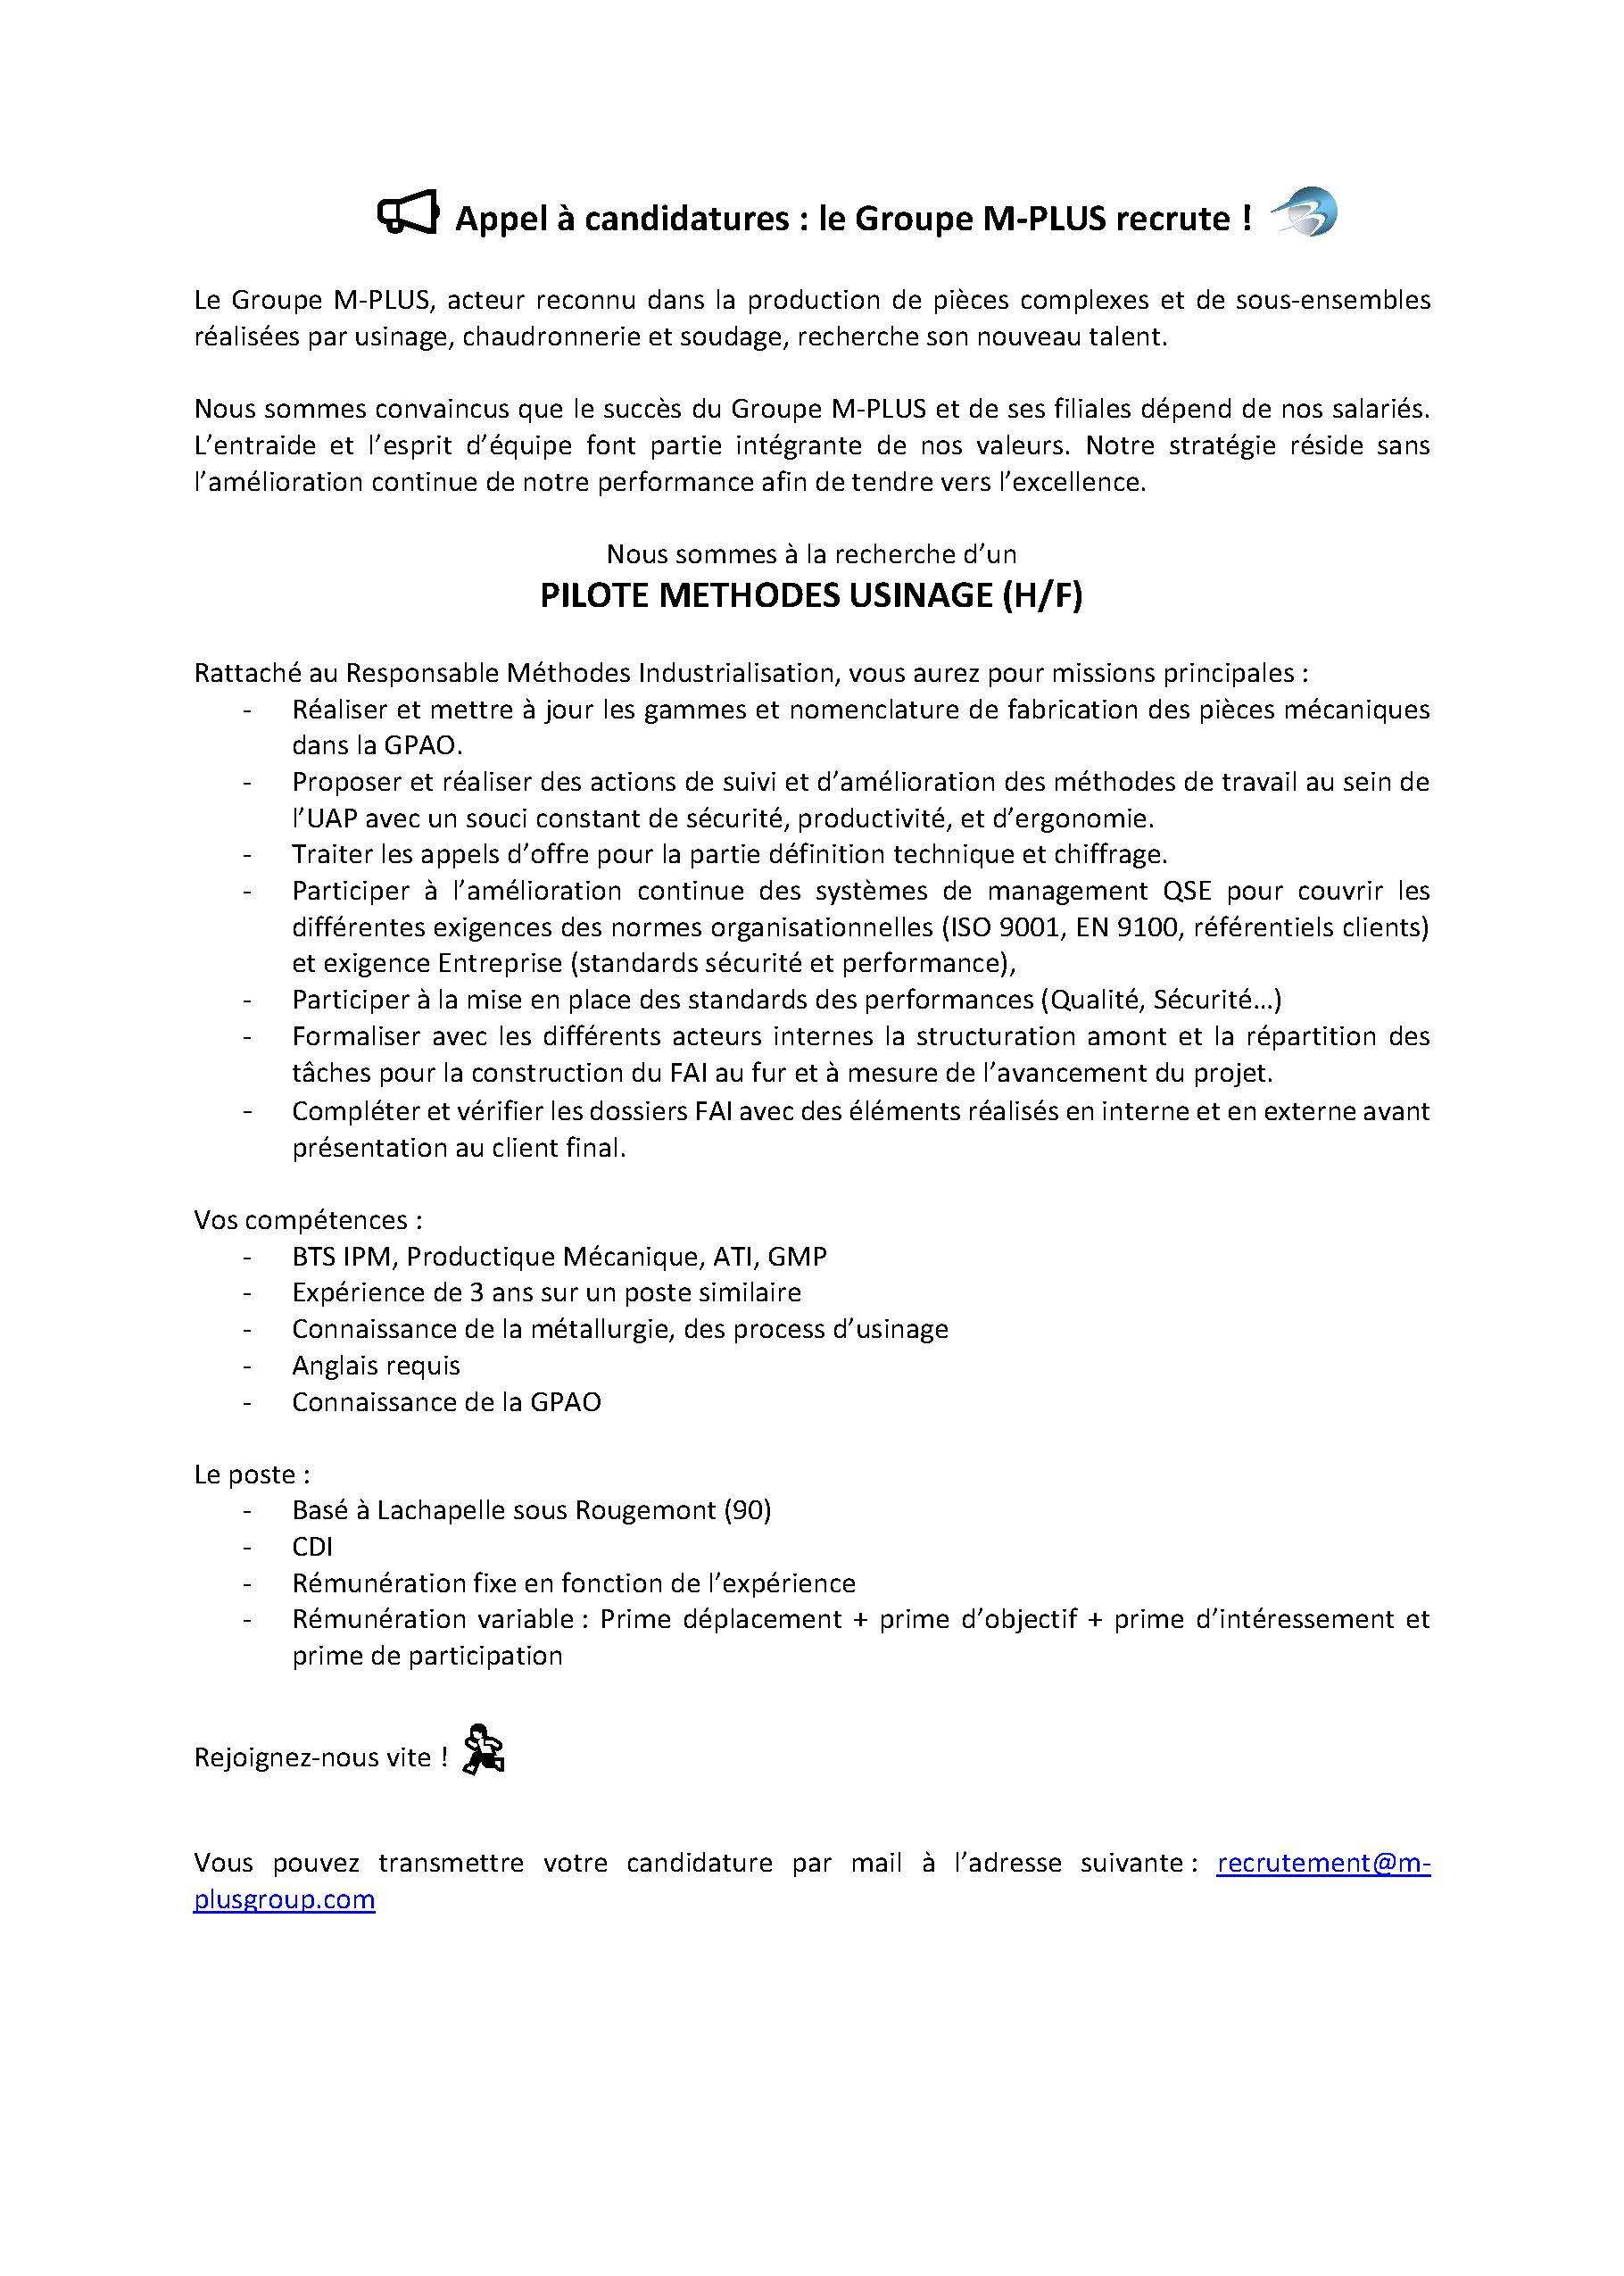 Le Groupe M-Plus recrute 1 Pilote Méthodes Usinage (H/F) à Lachapelle-sous-Rougemont